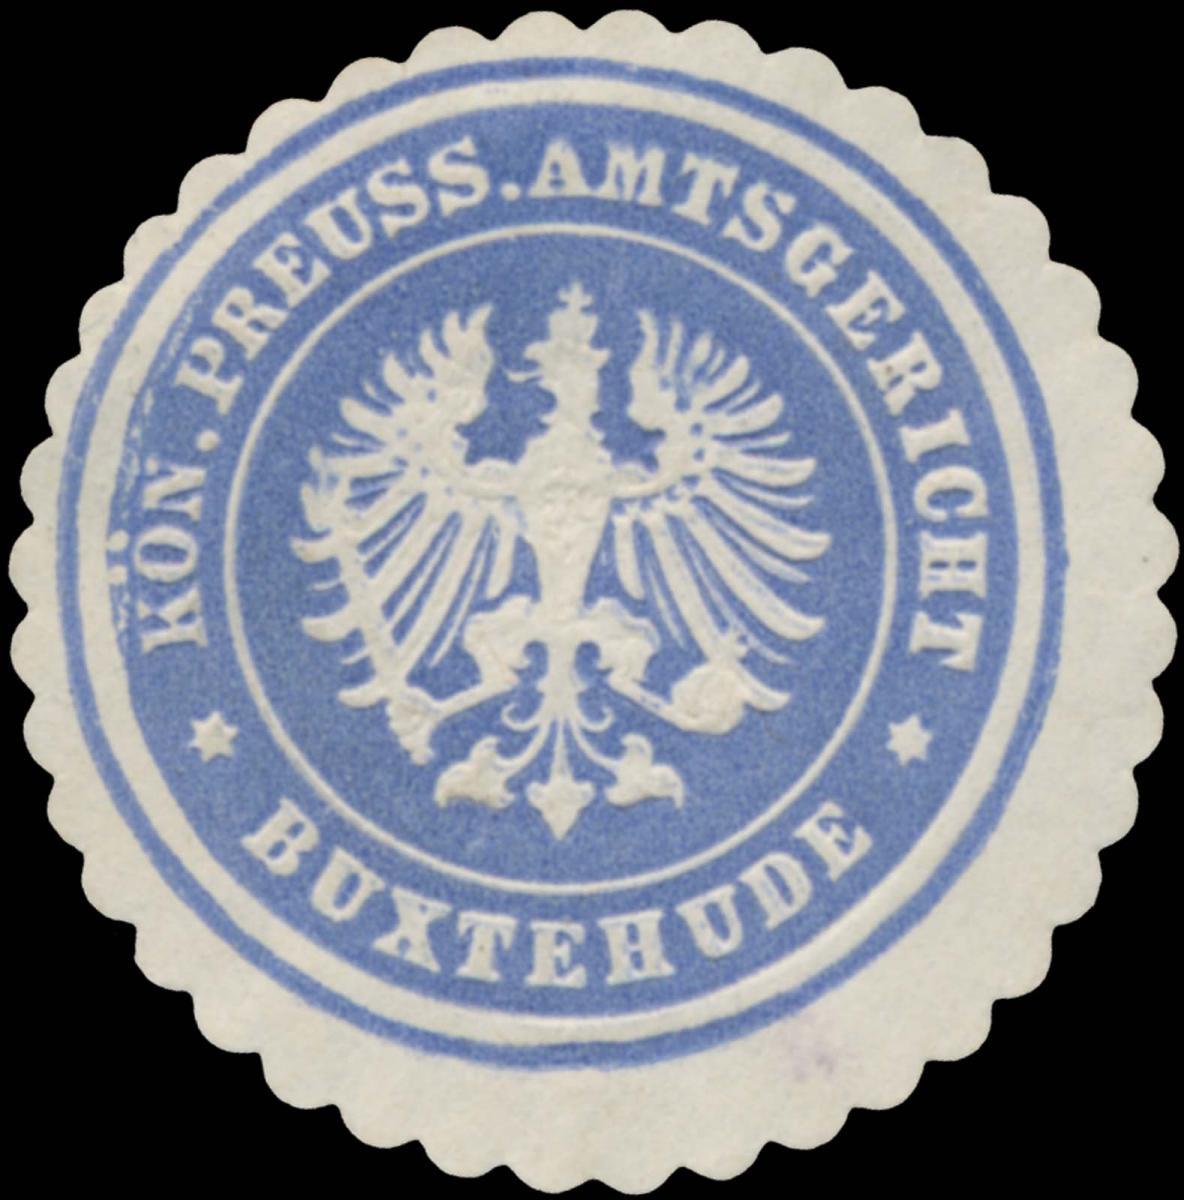 K.Pr. Amtsgericht Buxtehude